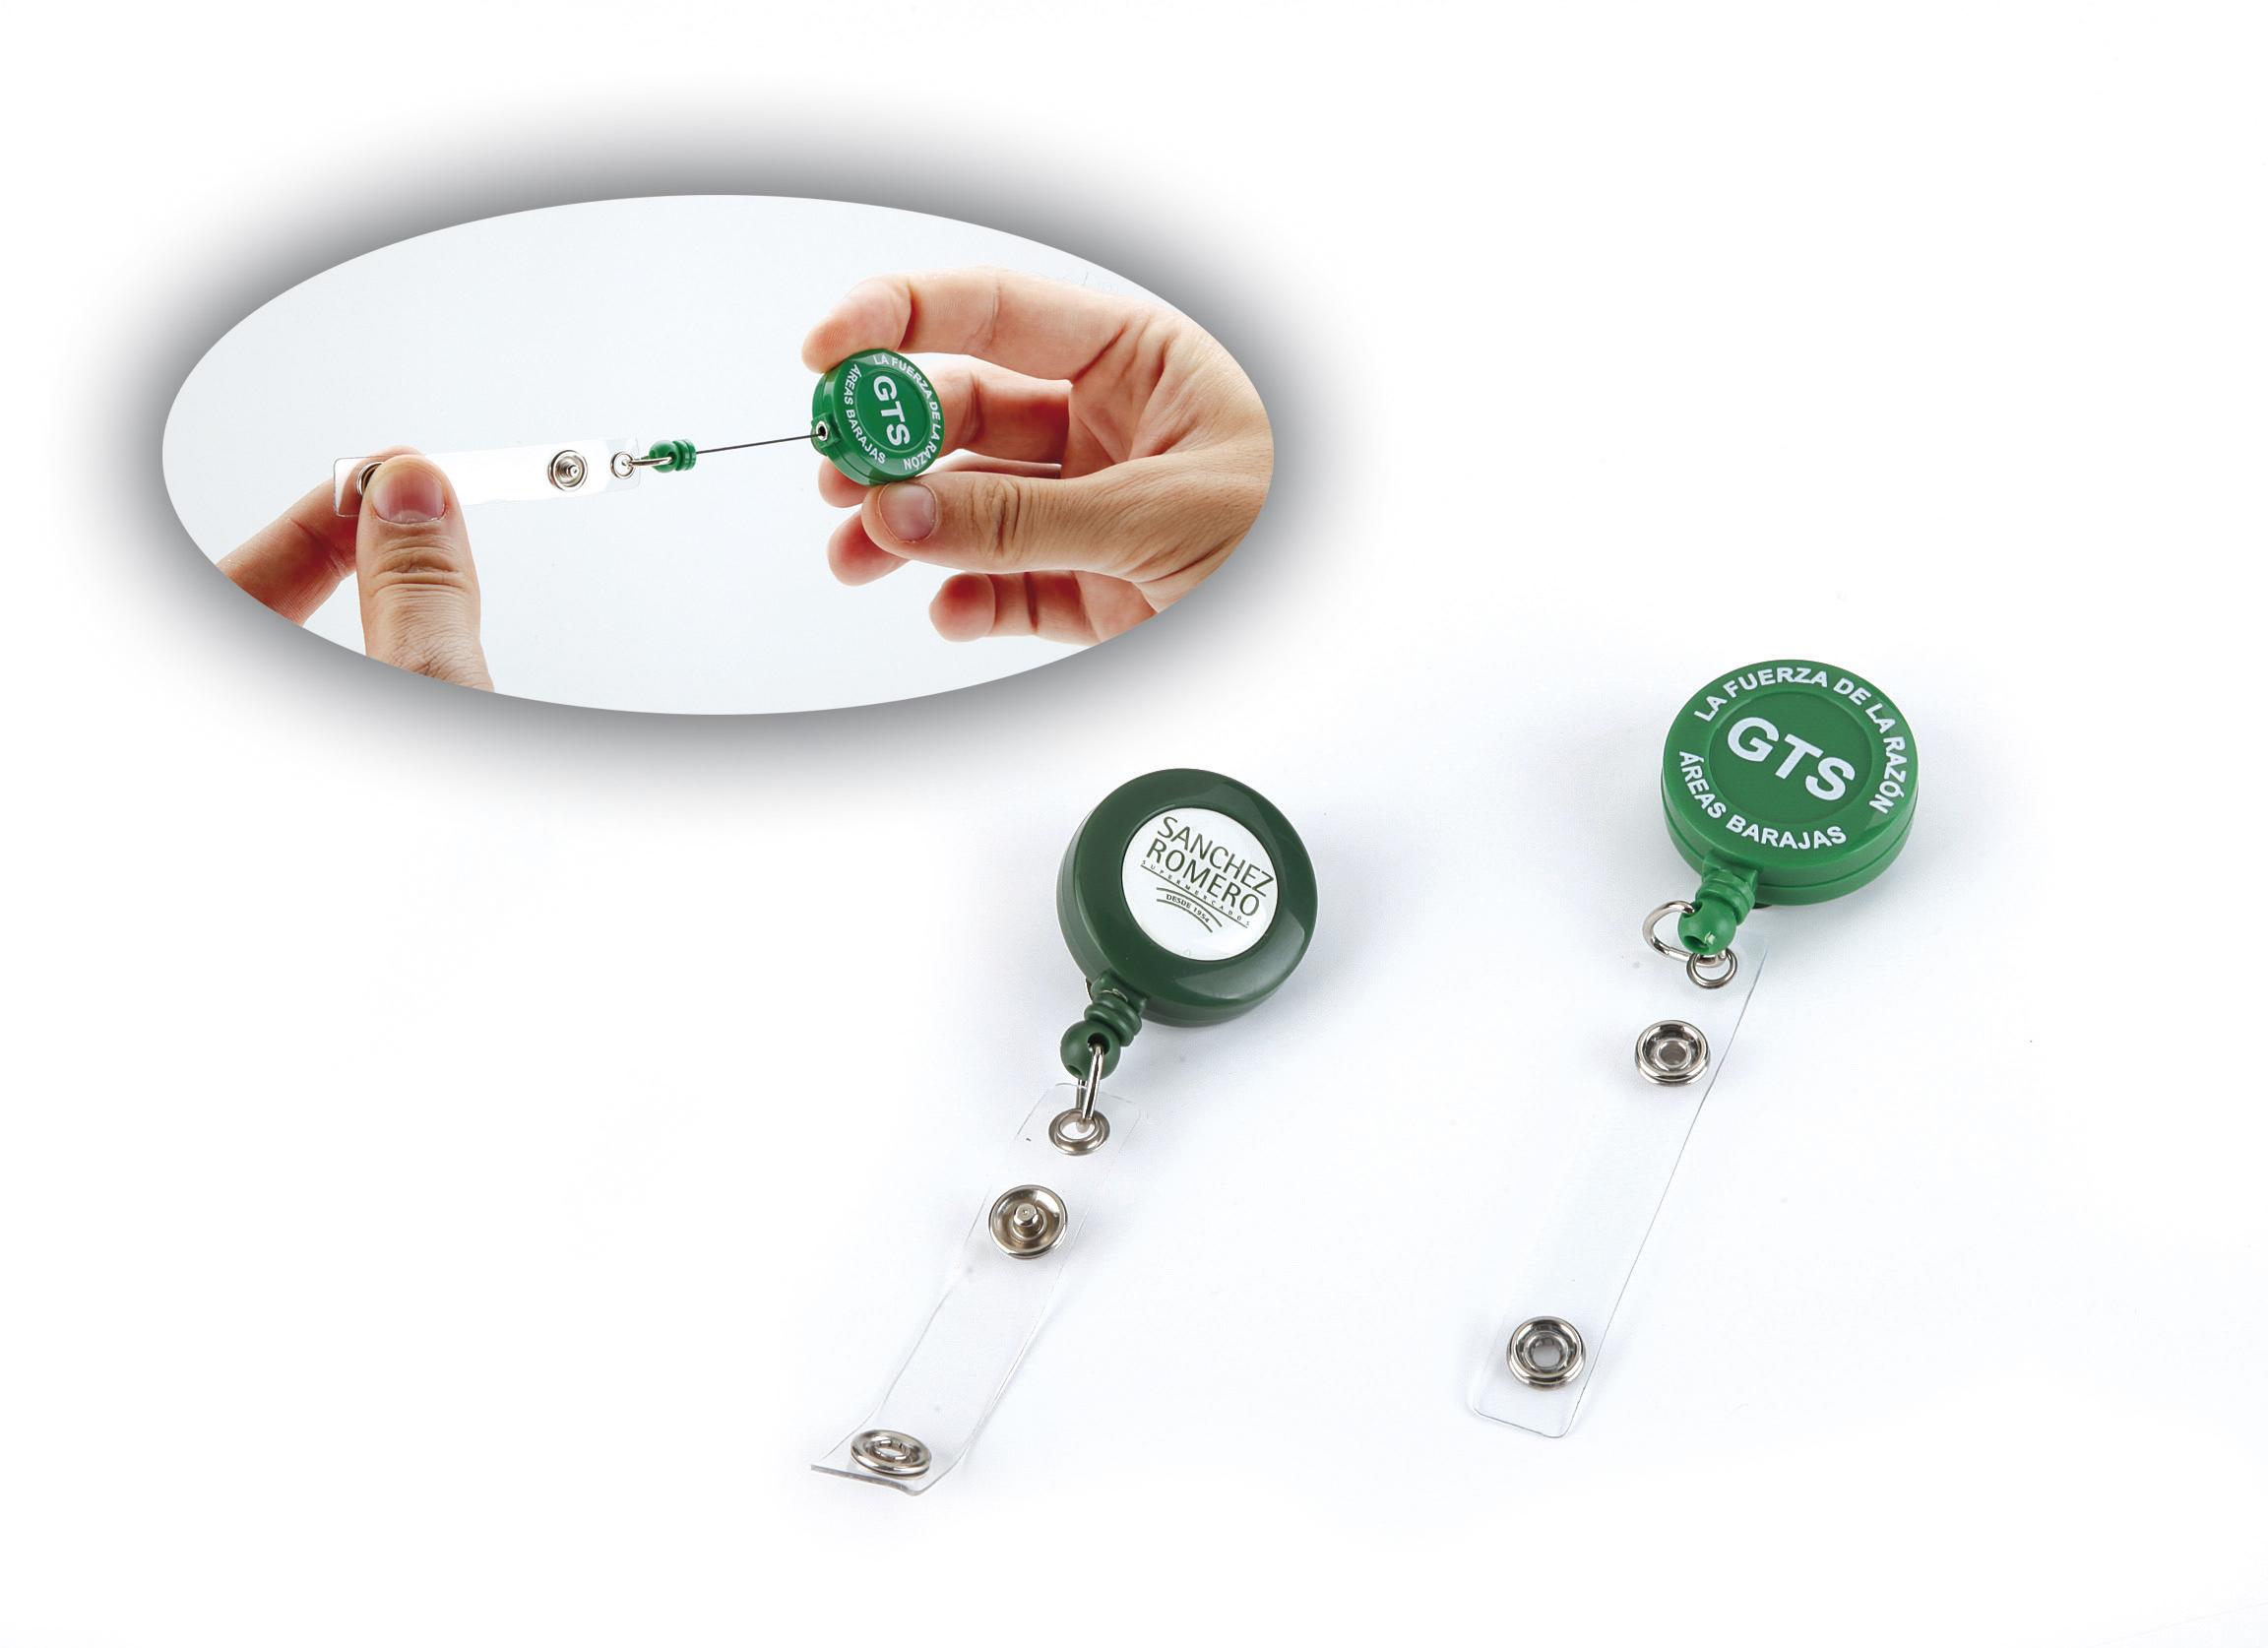 Retractable reel card holders